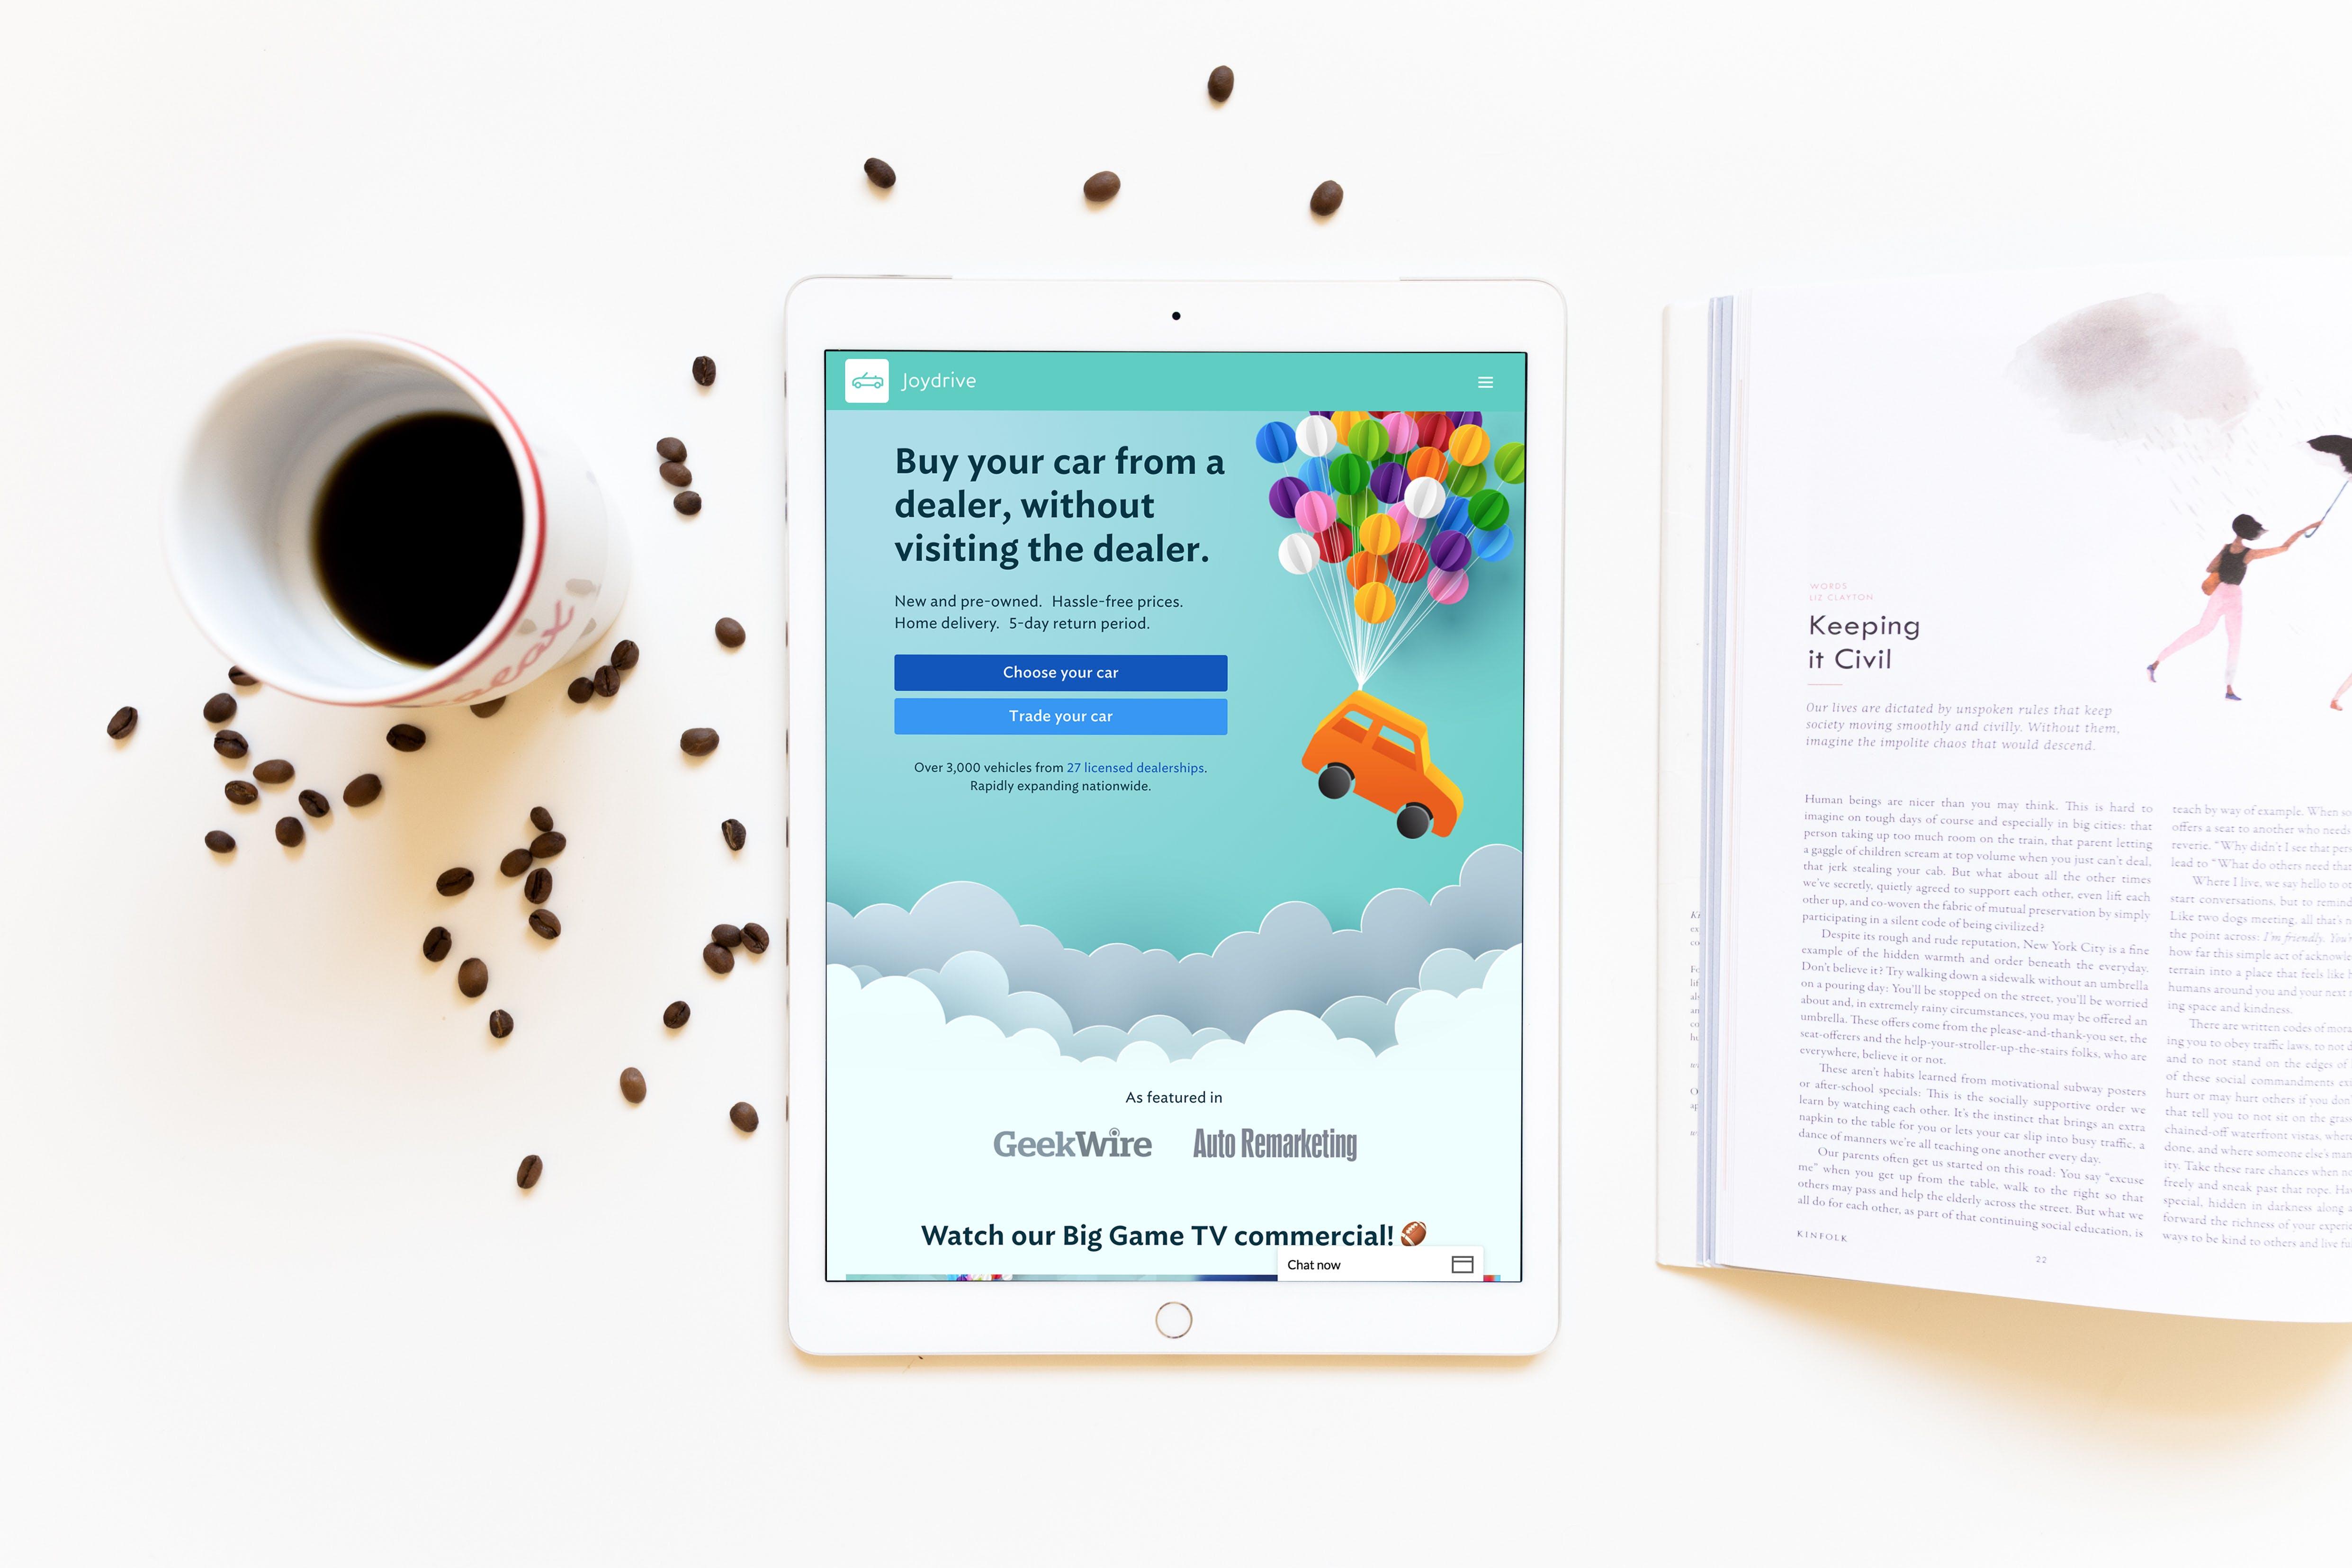 An iPad shows the Joydrive app